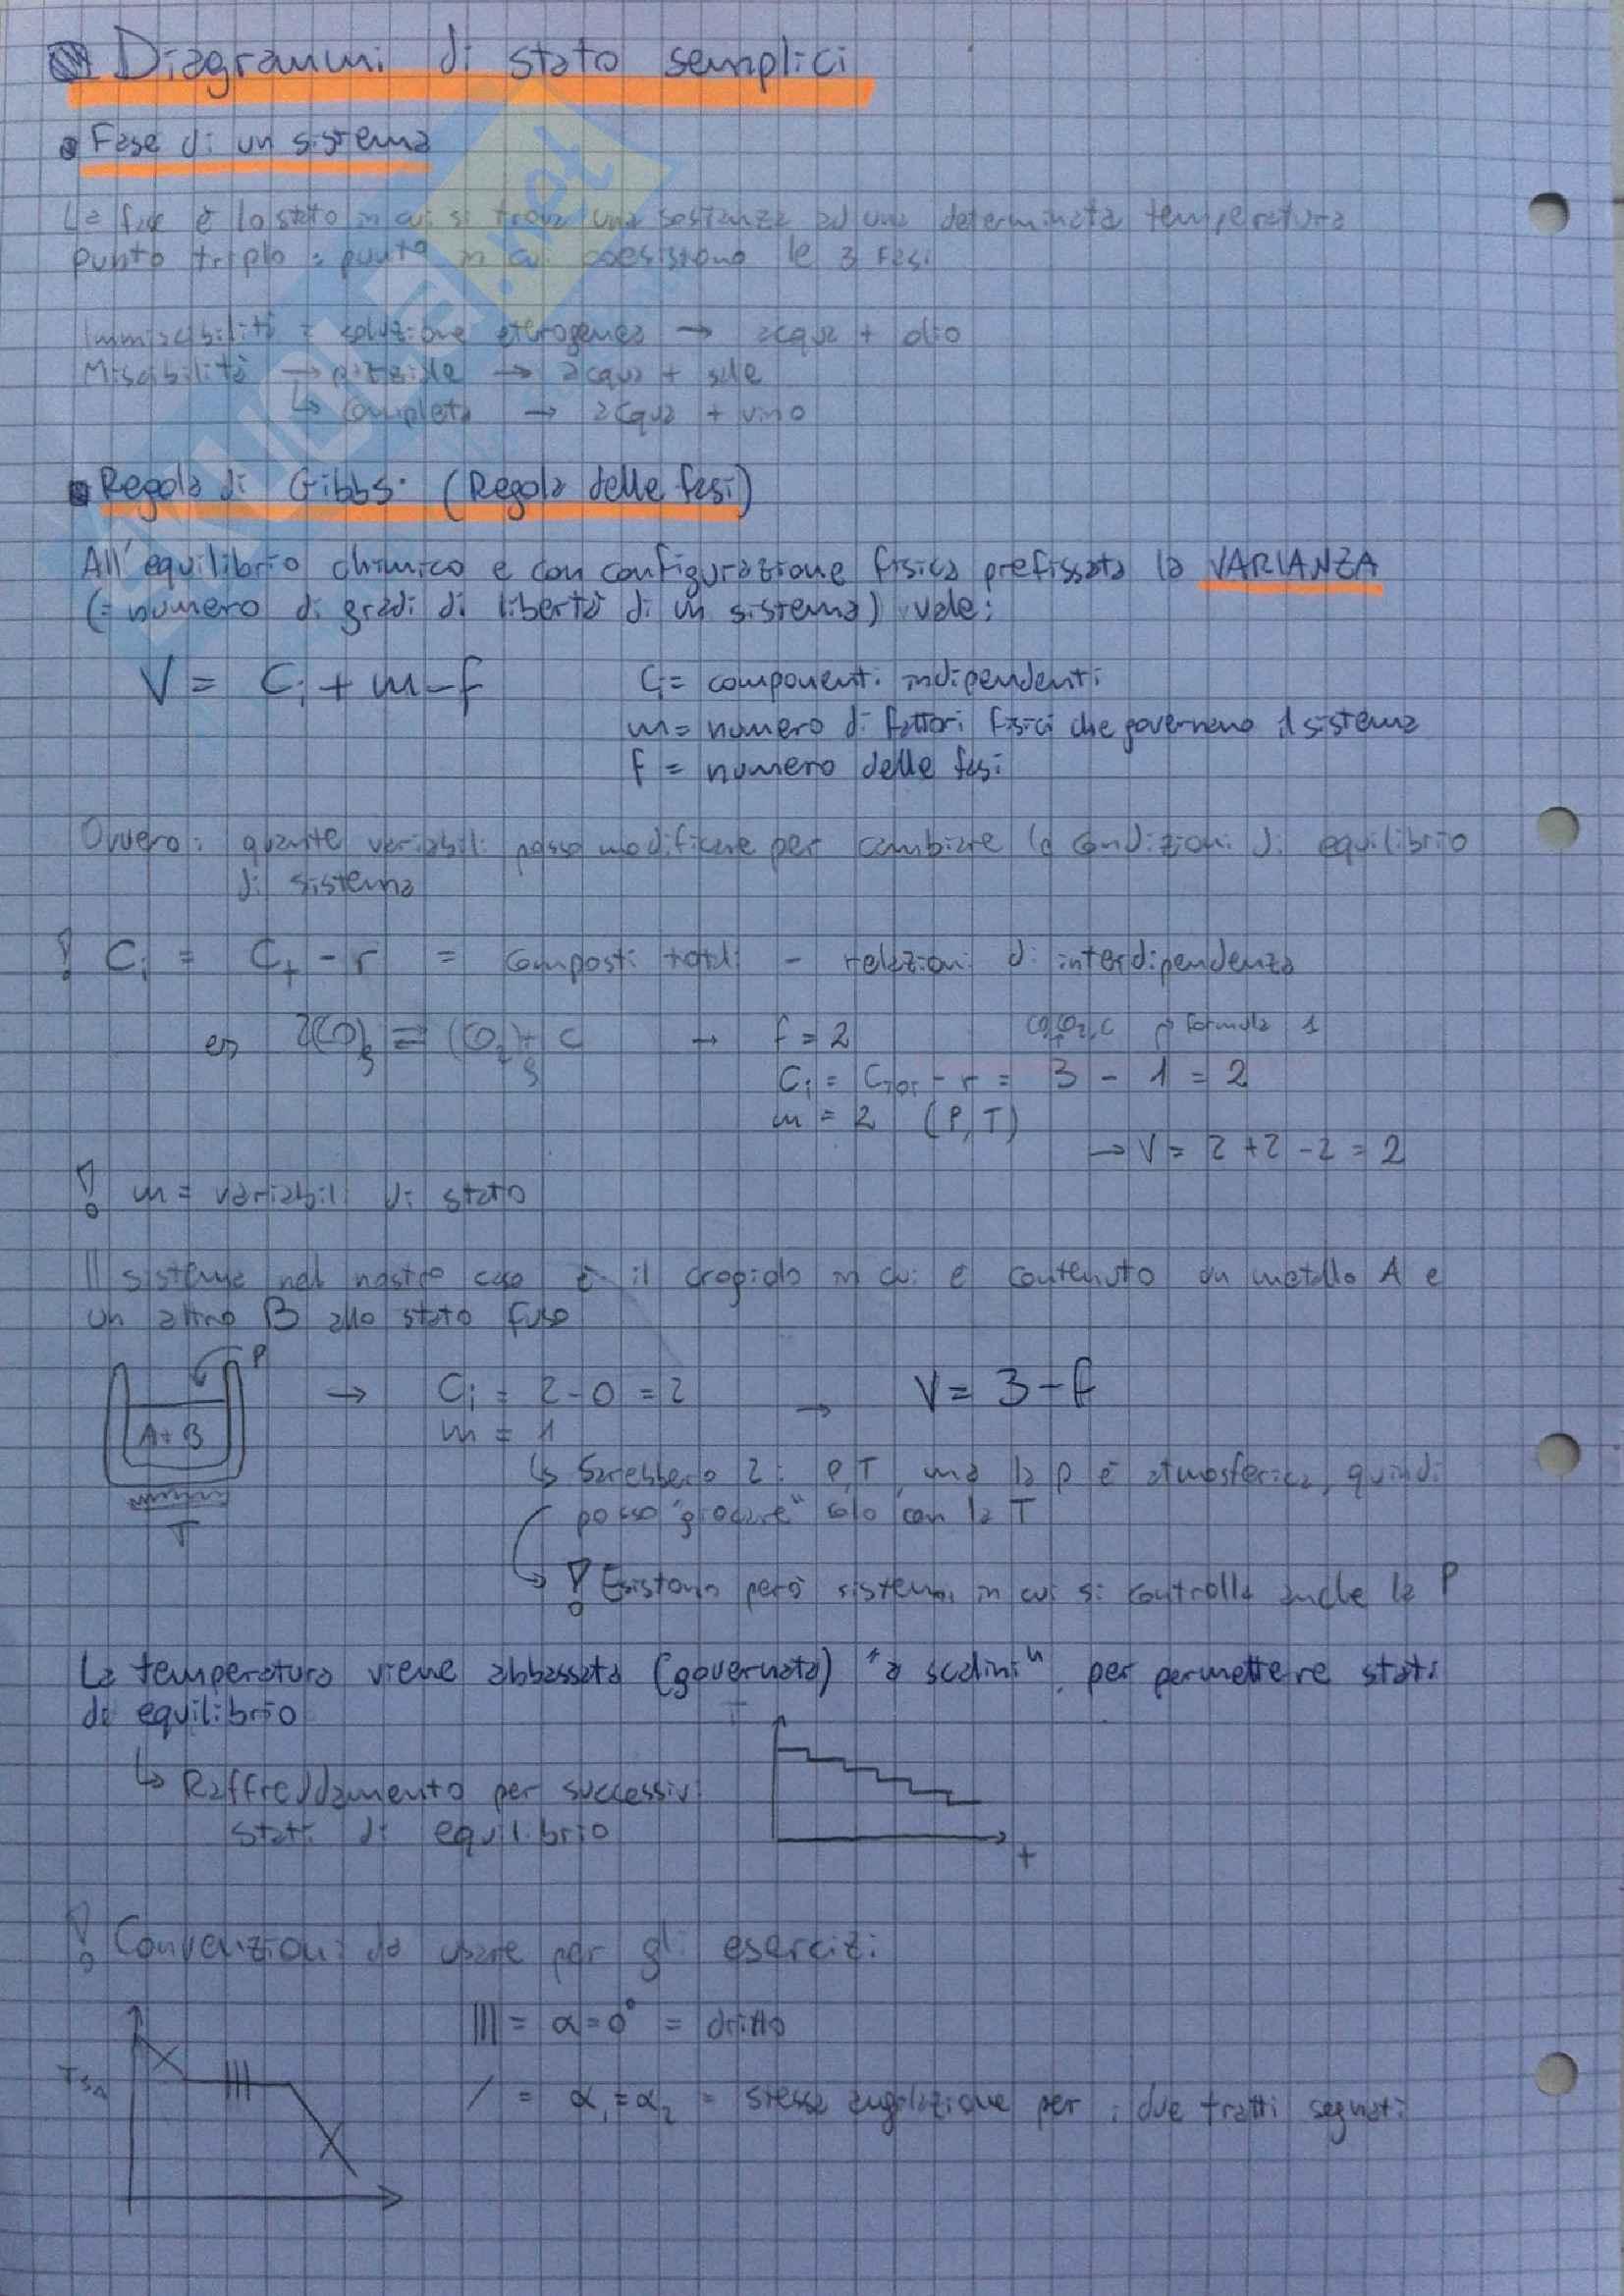 Metallurgia e materiali non metallici - diagrammi di stato semplici